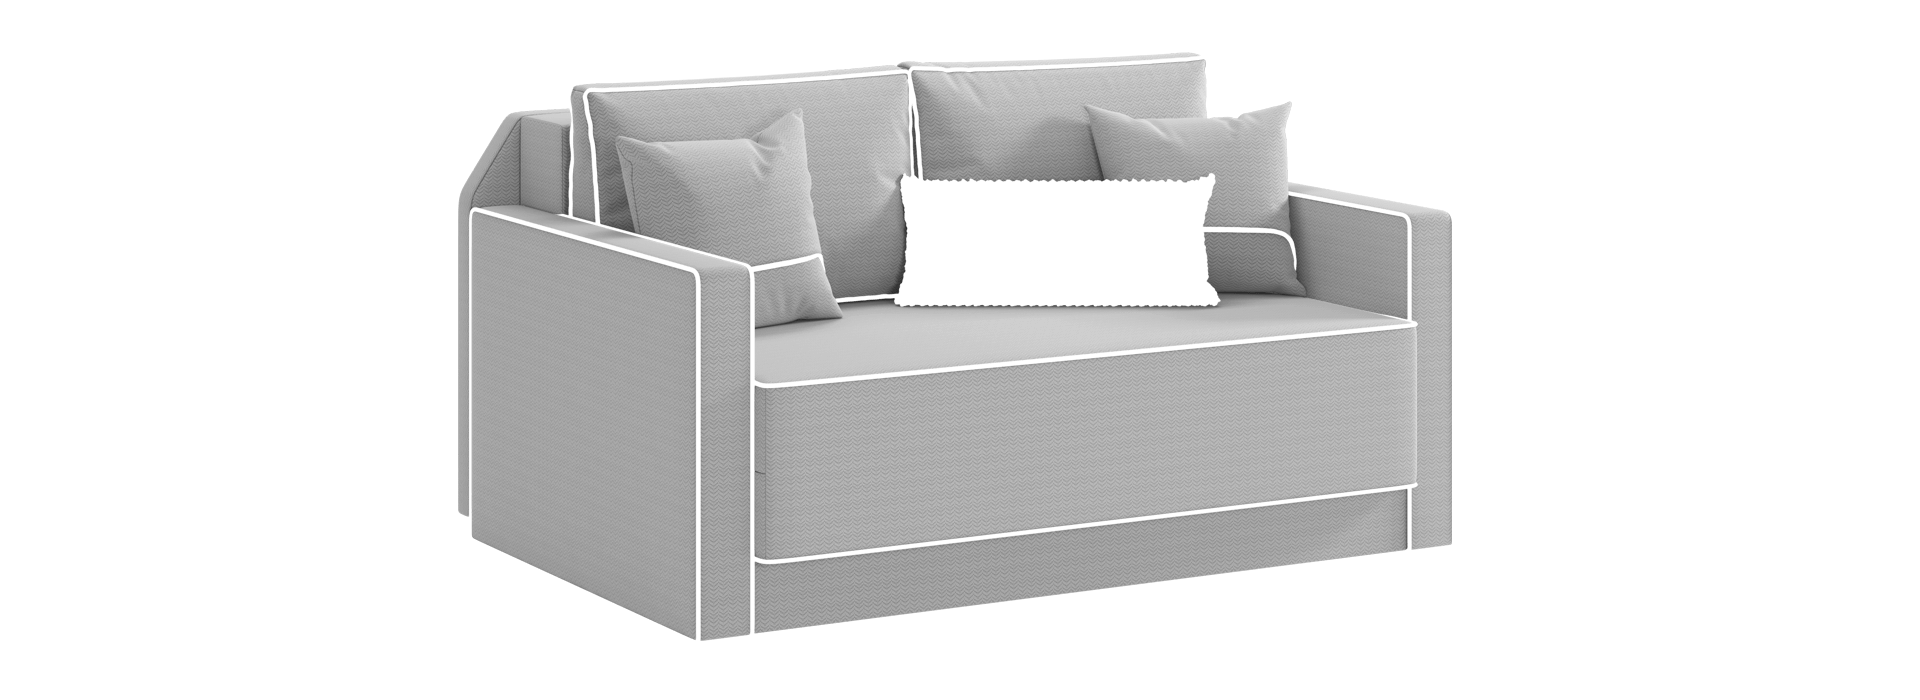 Эван диван с раскладкой вперед - маска 2